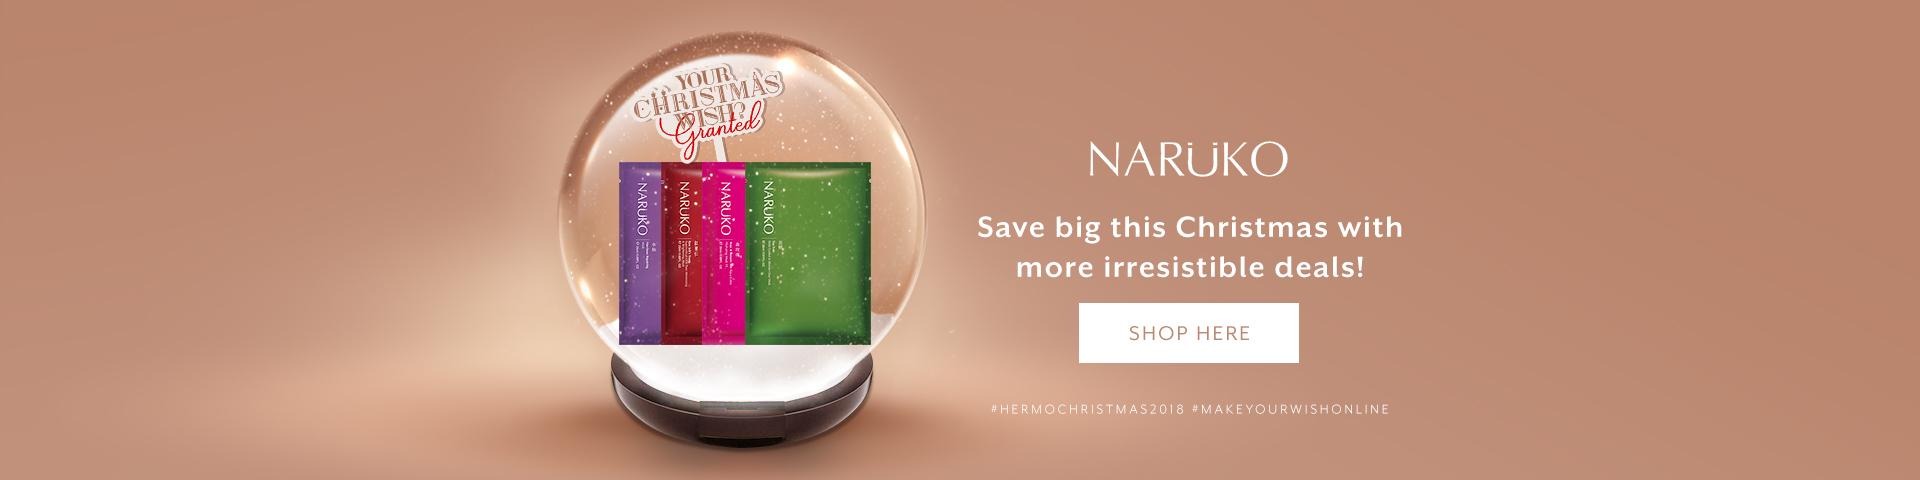 Dec 18: Naruko